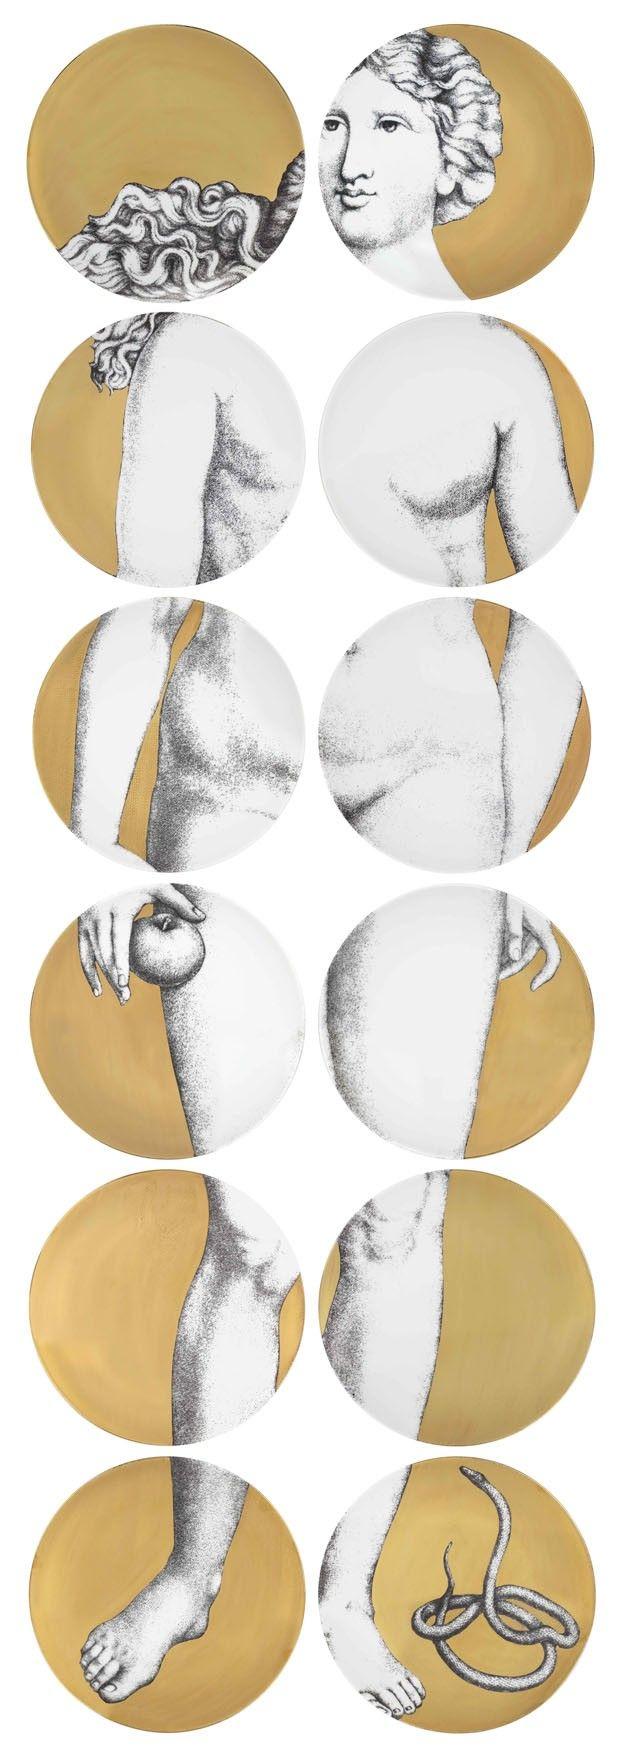 Fornasetti Art Prints 50 Best Piero Fornasetti Images On Pinterest Italian Art